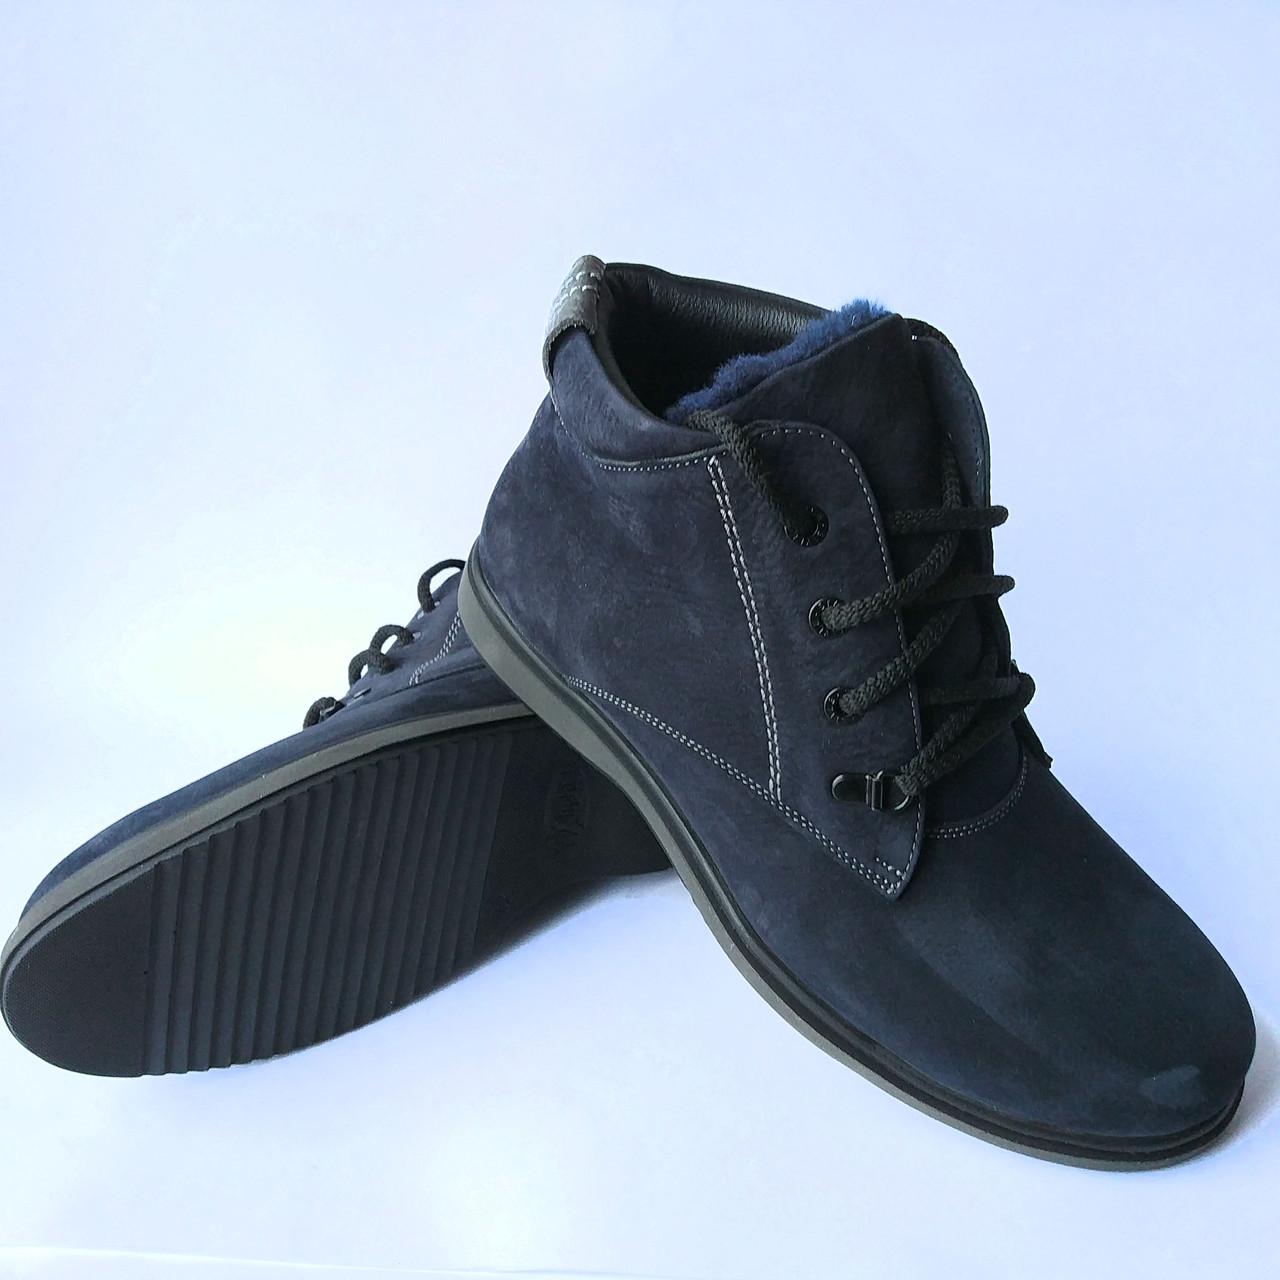 590201b7bff Купить мужскую обувь Бровары   зимние ботинки